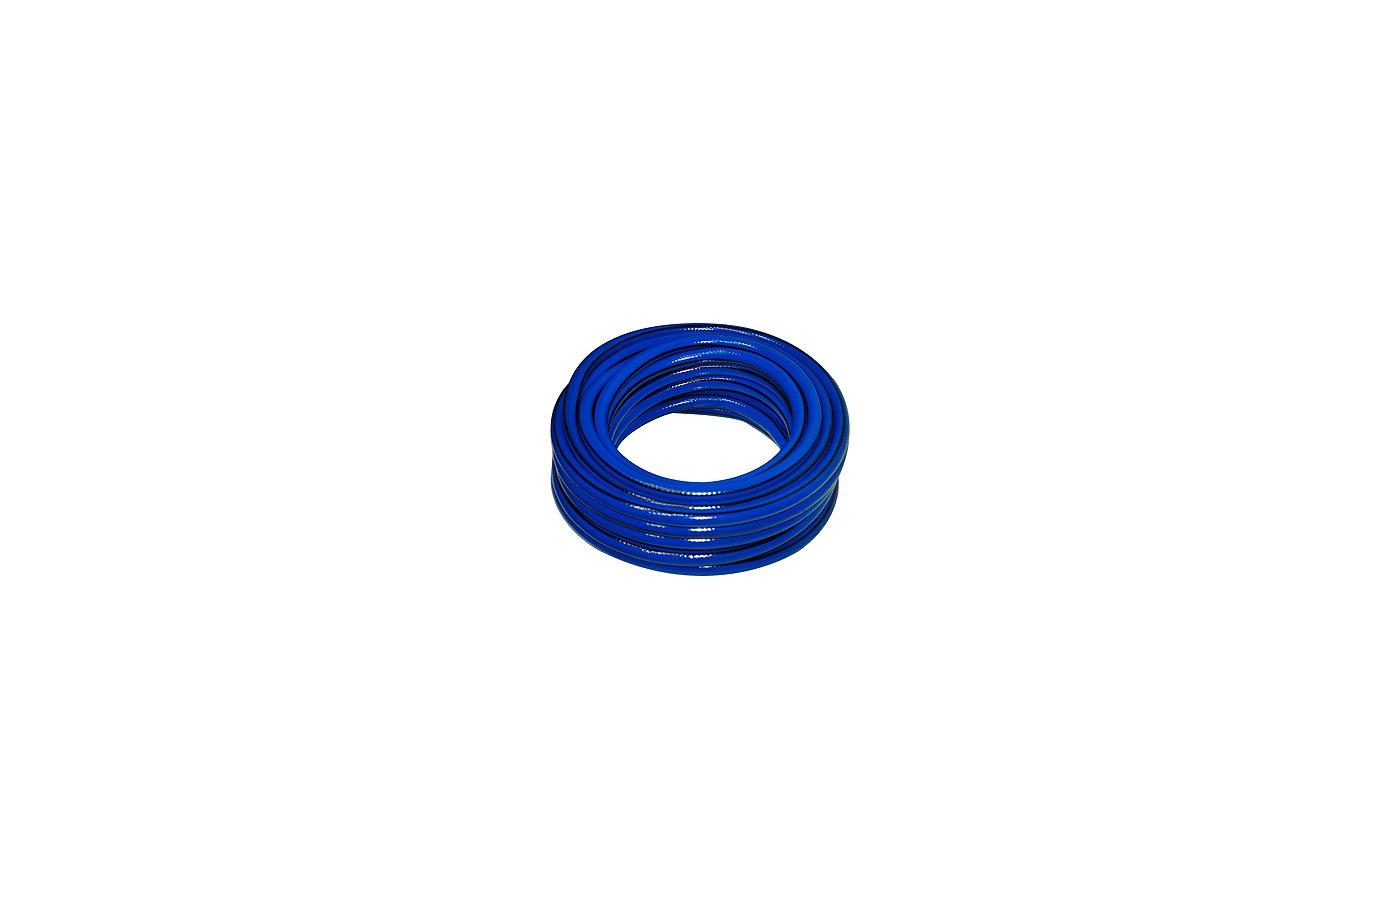 Поливочное оборудование GREEN APPLE GWGH6-028 Шланг для полива усиленный 12мм (1/2) х 15 м, 3 слойный 8 бар